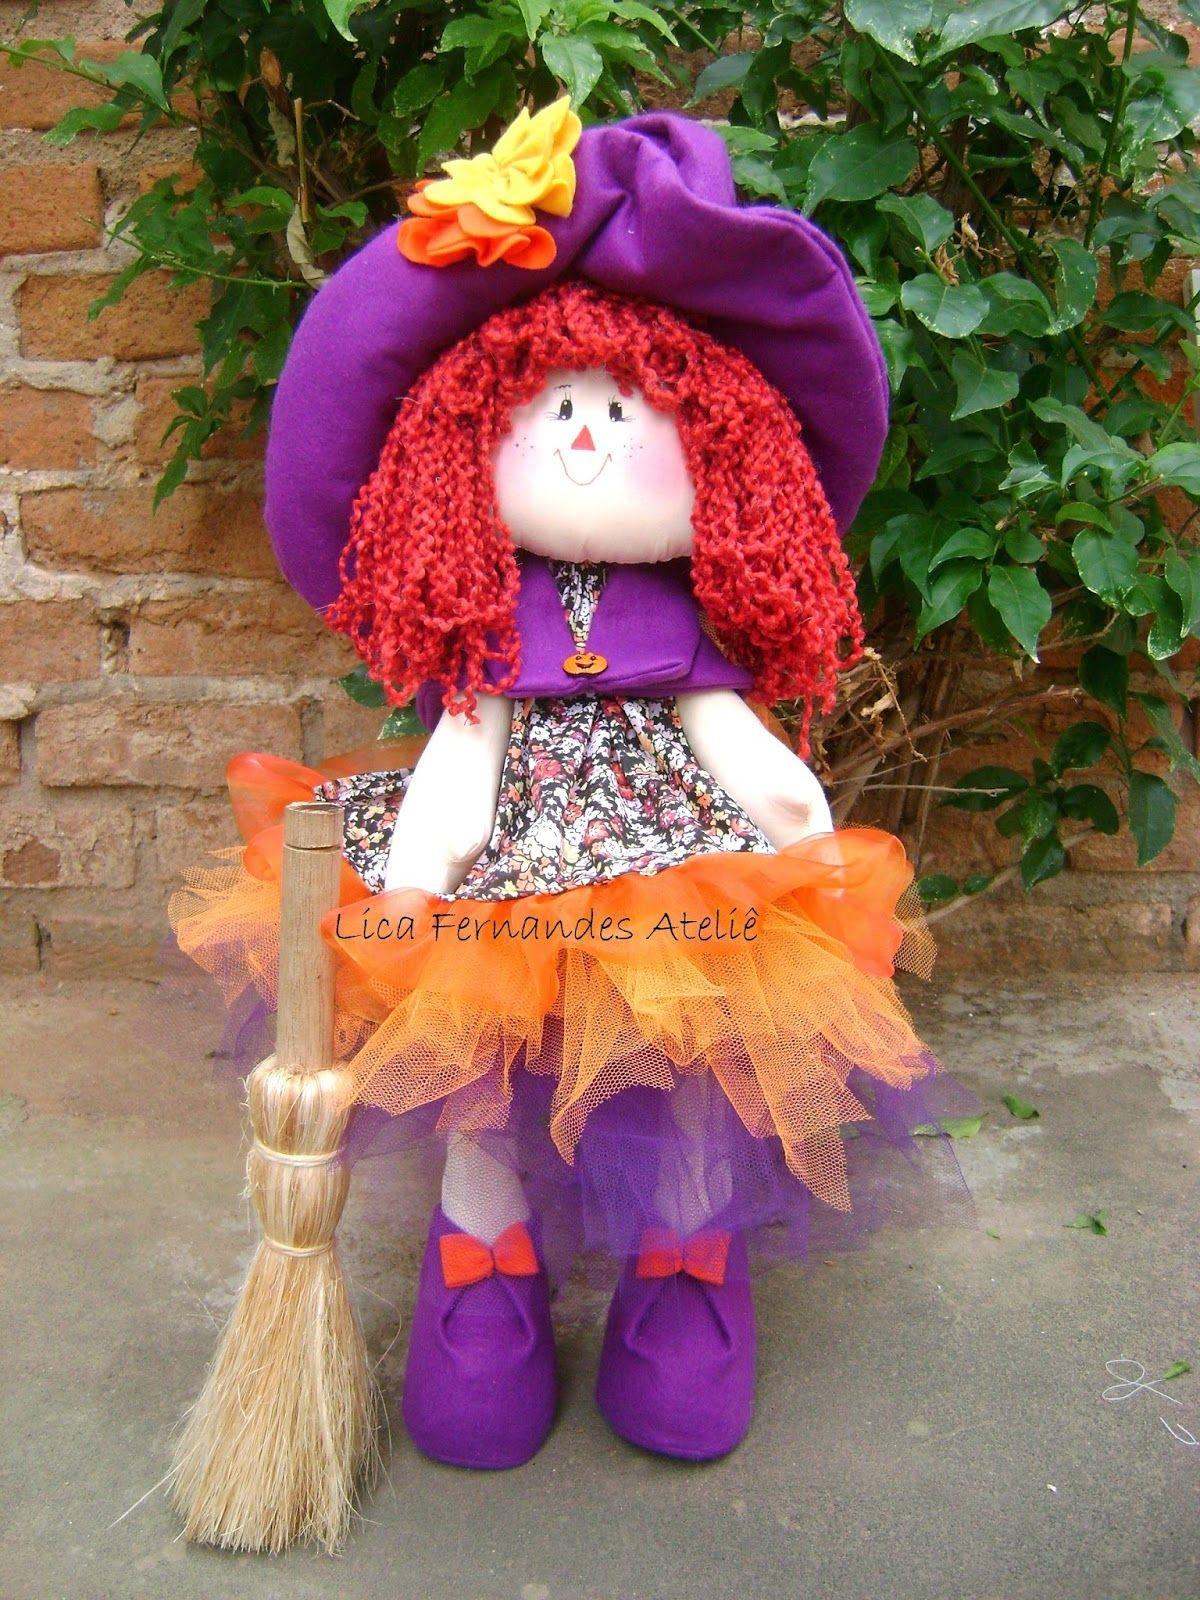 Lica Fernandes Ateliê: Boneca Bruxinha  Boneca de pano bruxa , que fica em pé.